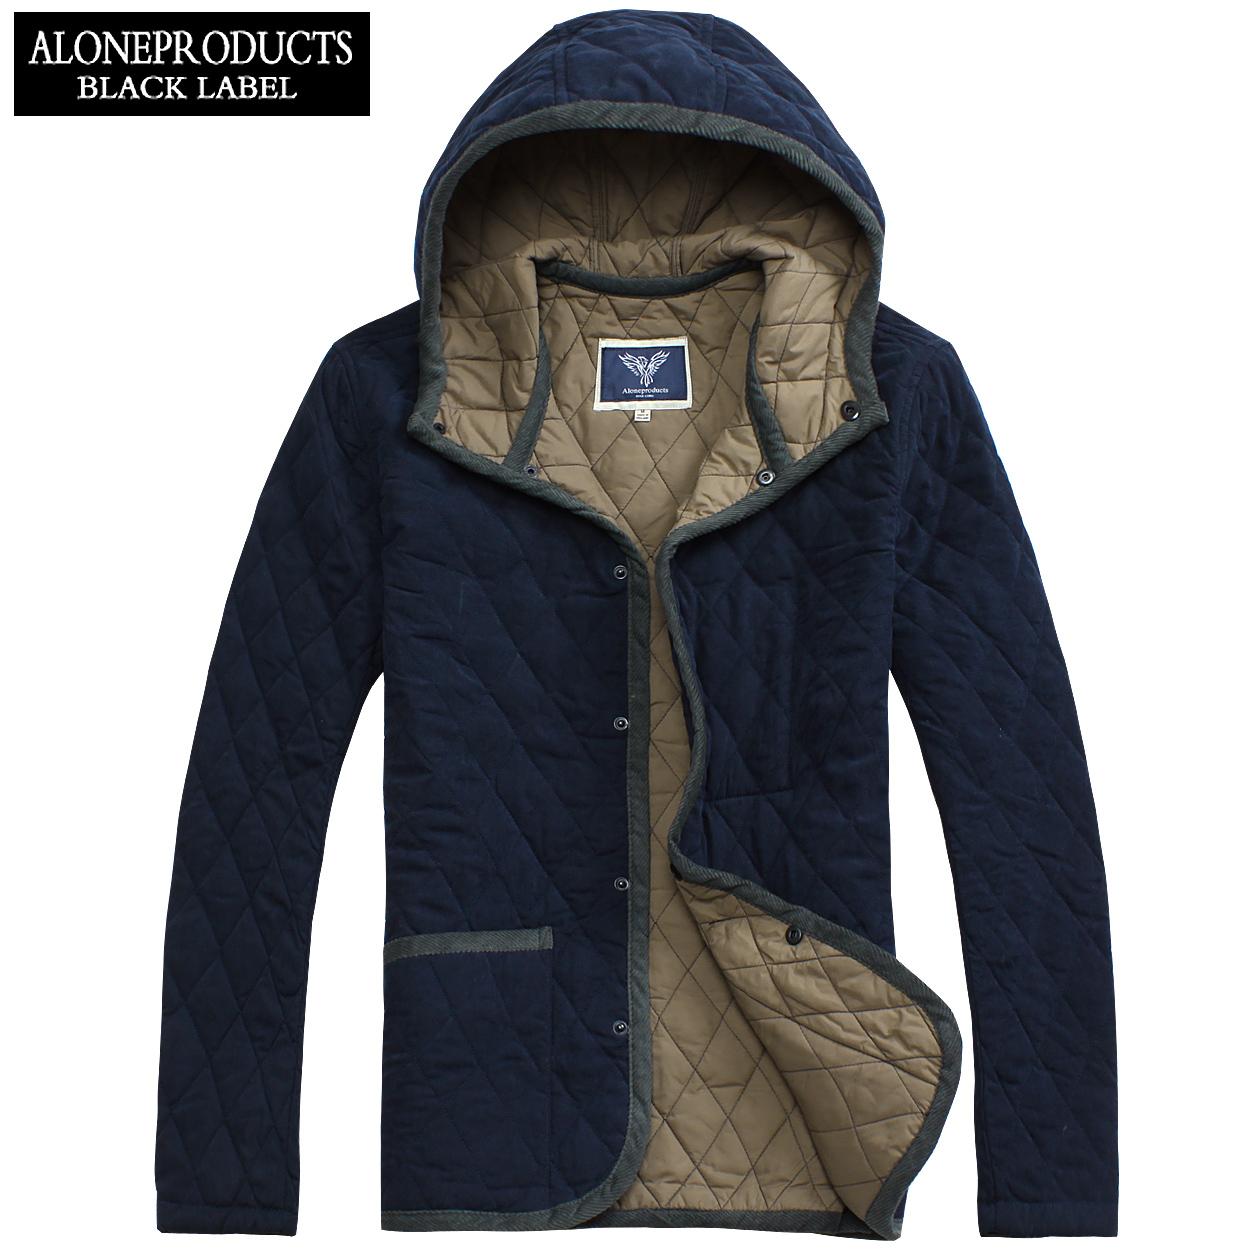 Куртка Aloneproducts zg192/2 Alone Шёлковое волокно Хлопок Пуговицы, 1 ряд Короткая (до пояса и выше) Прямой покрой (окружность талии= окружности груди)